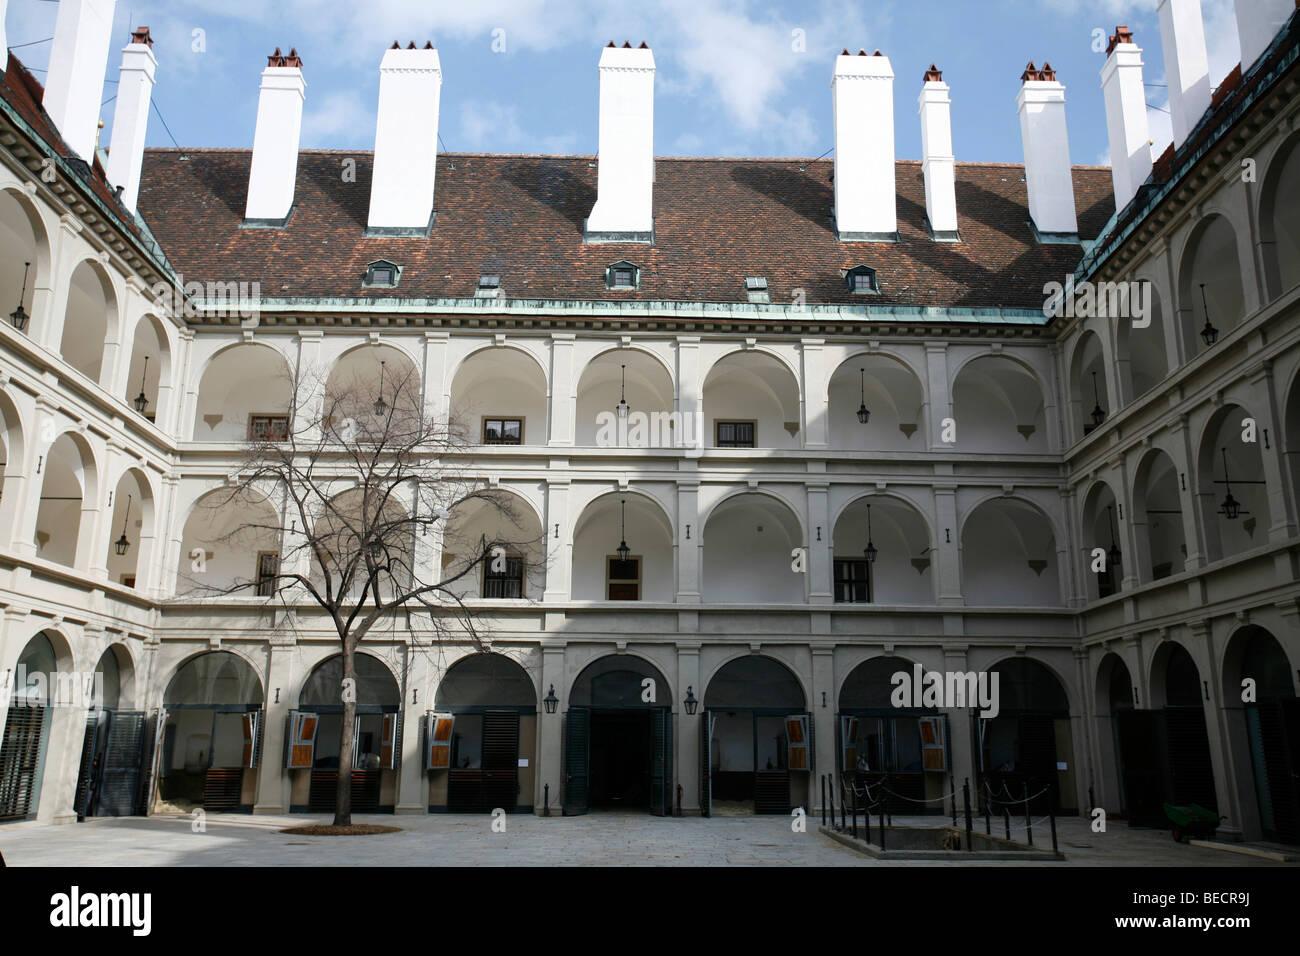 Spanische Hofreitschule, scuola di equitazione, Reitschulgasse, castello di Hofburg di Vienna, Austria Immagini Stock